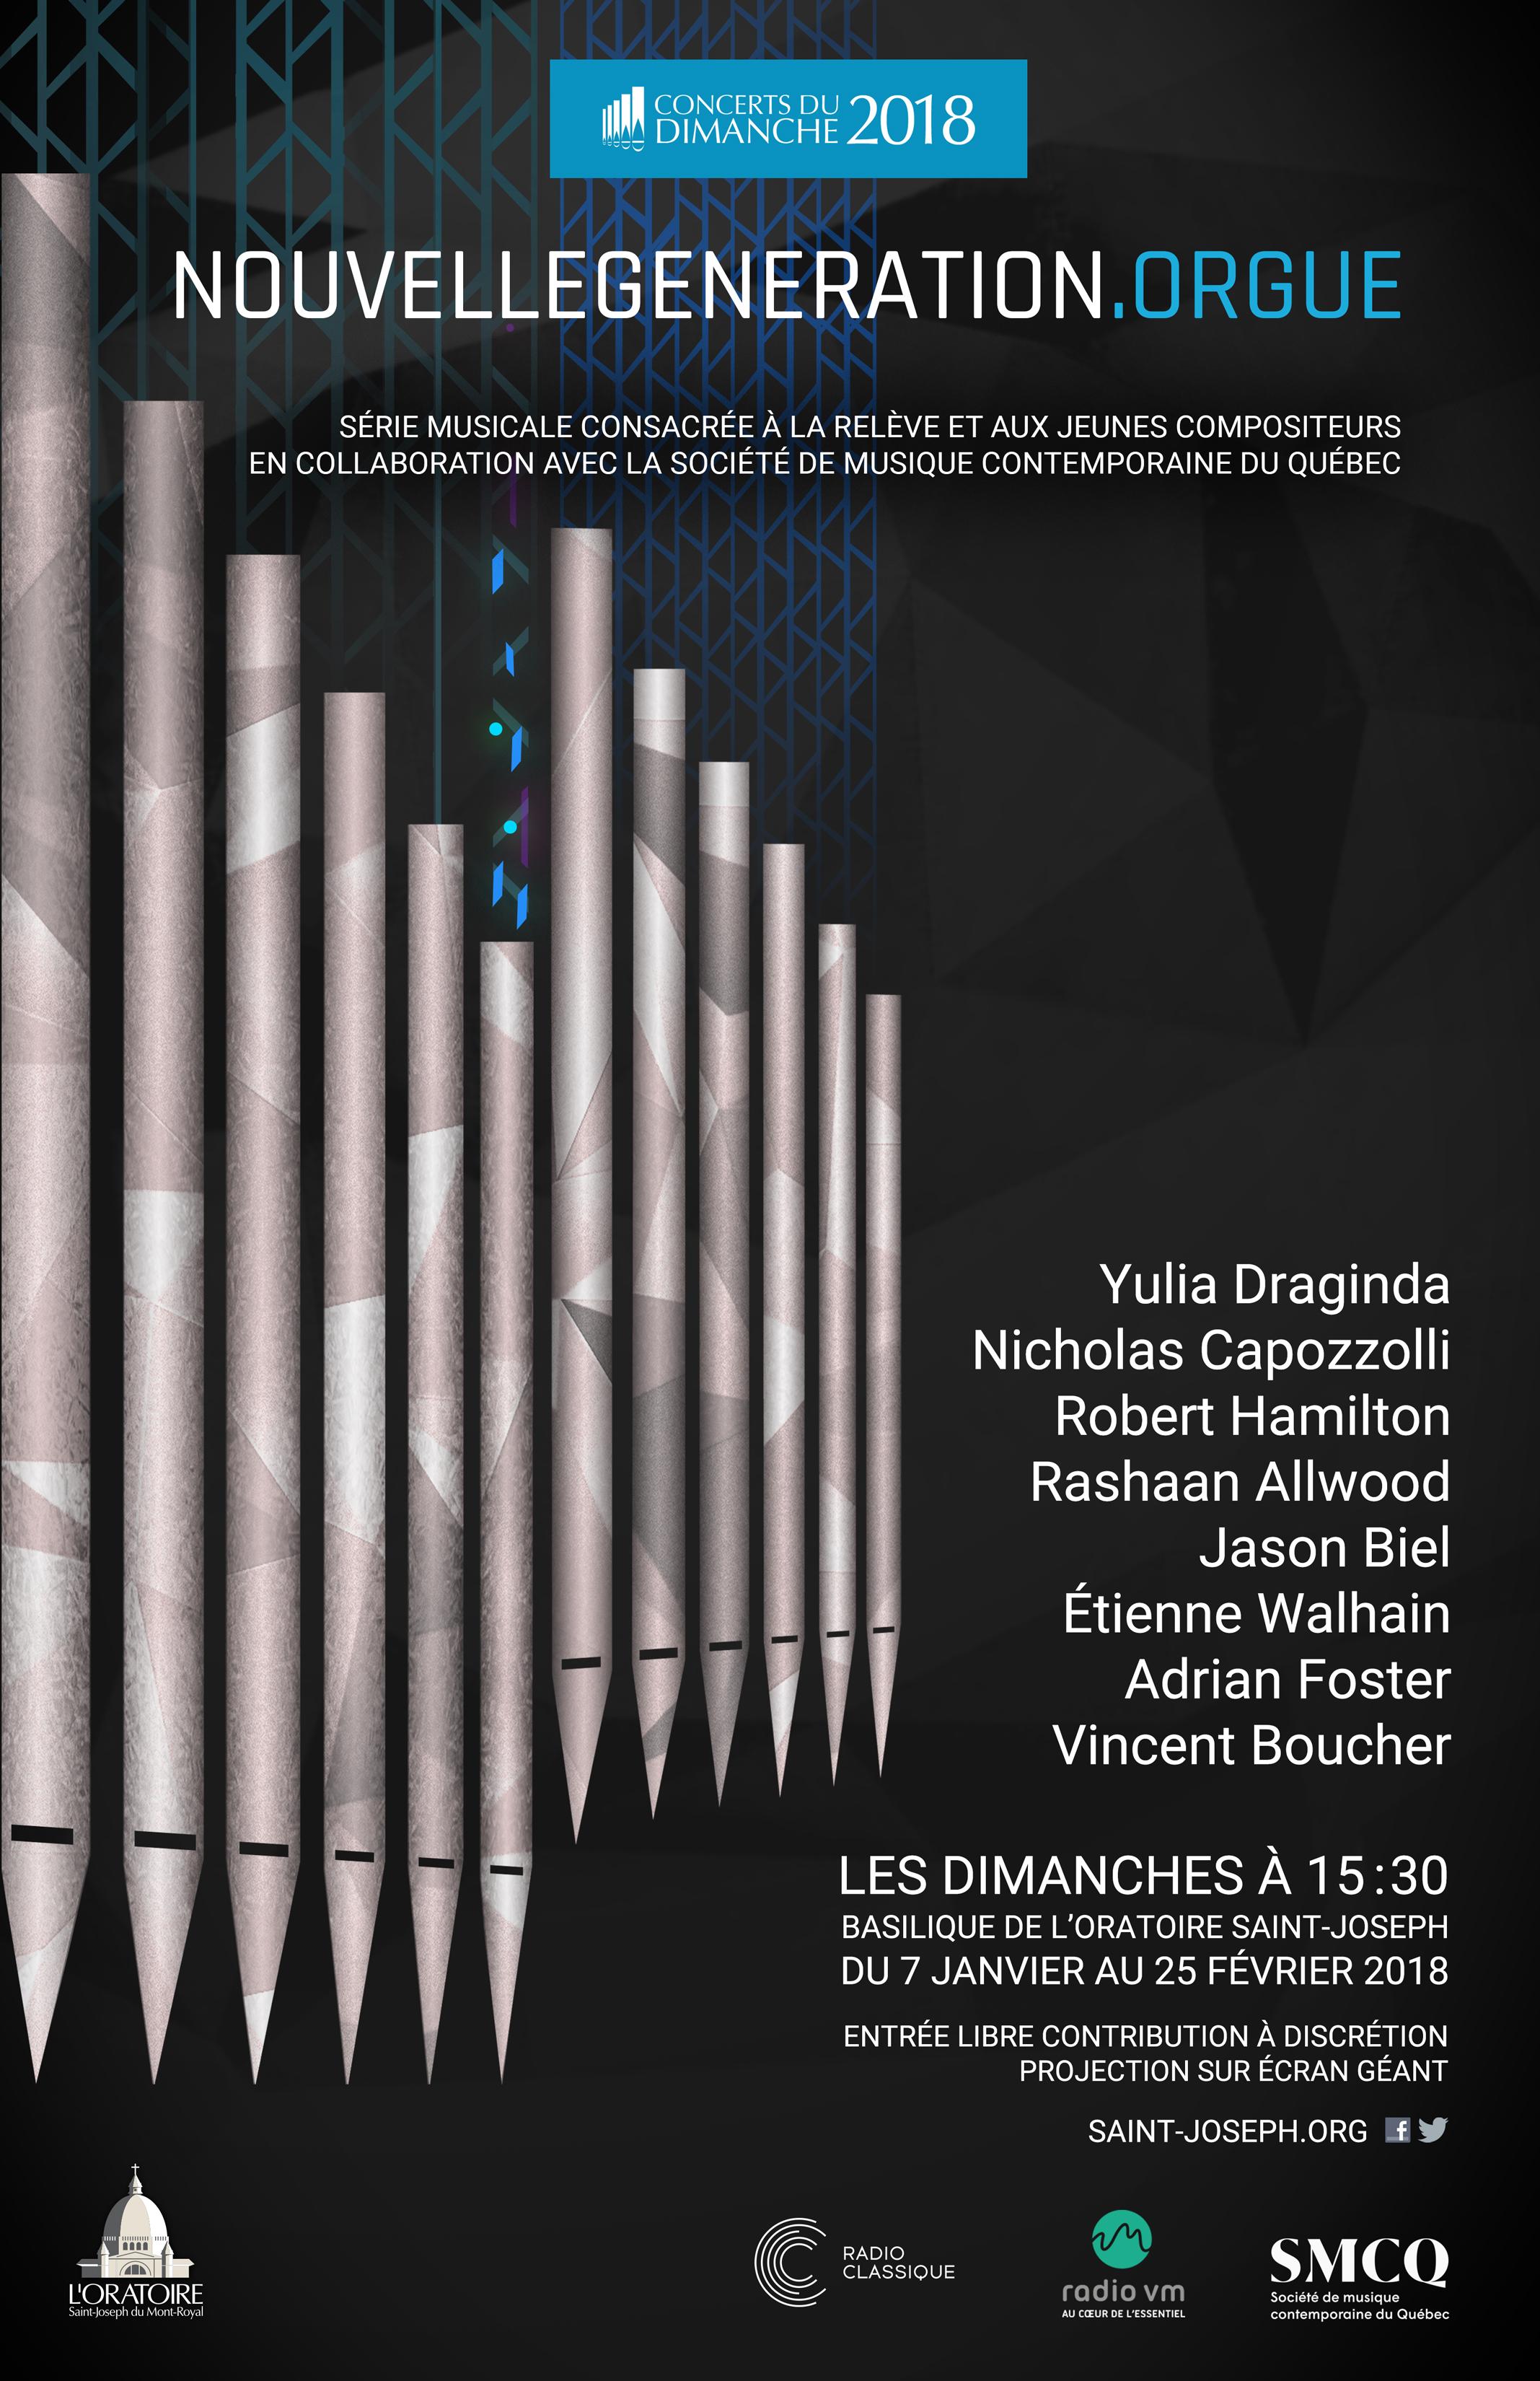 Affiche de série de concerts du dimanche NouvelleGeneration.orgue 2018